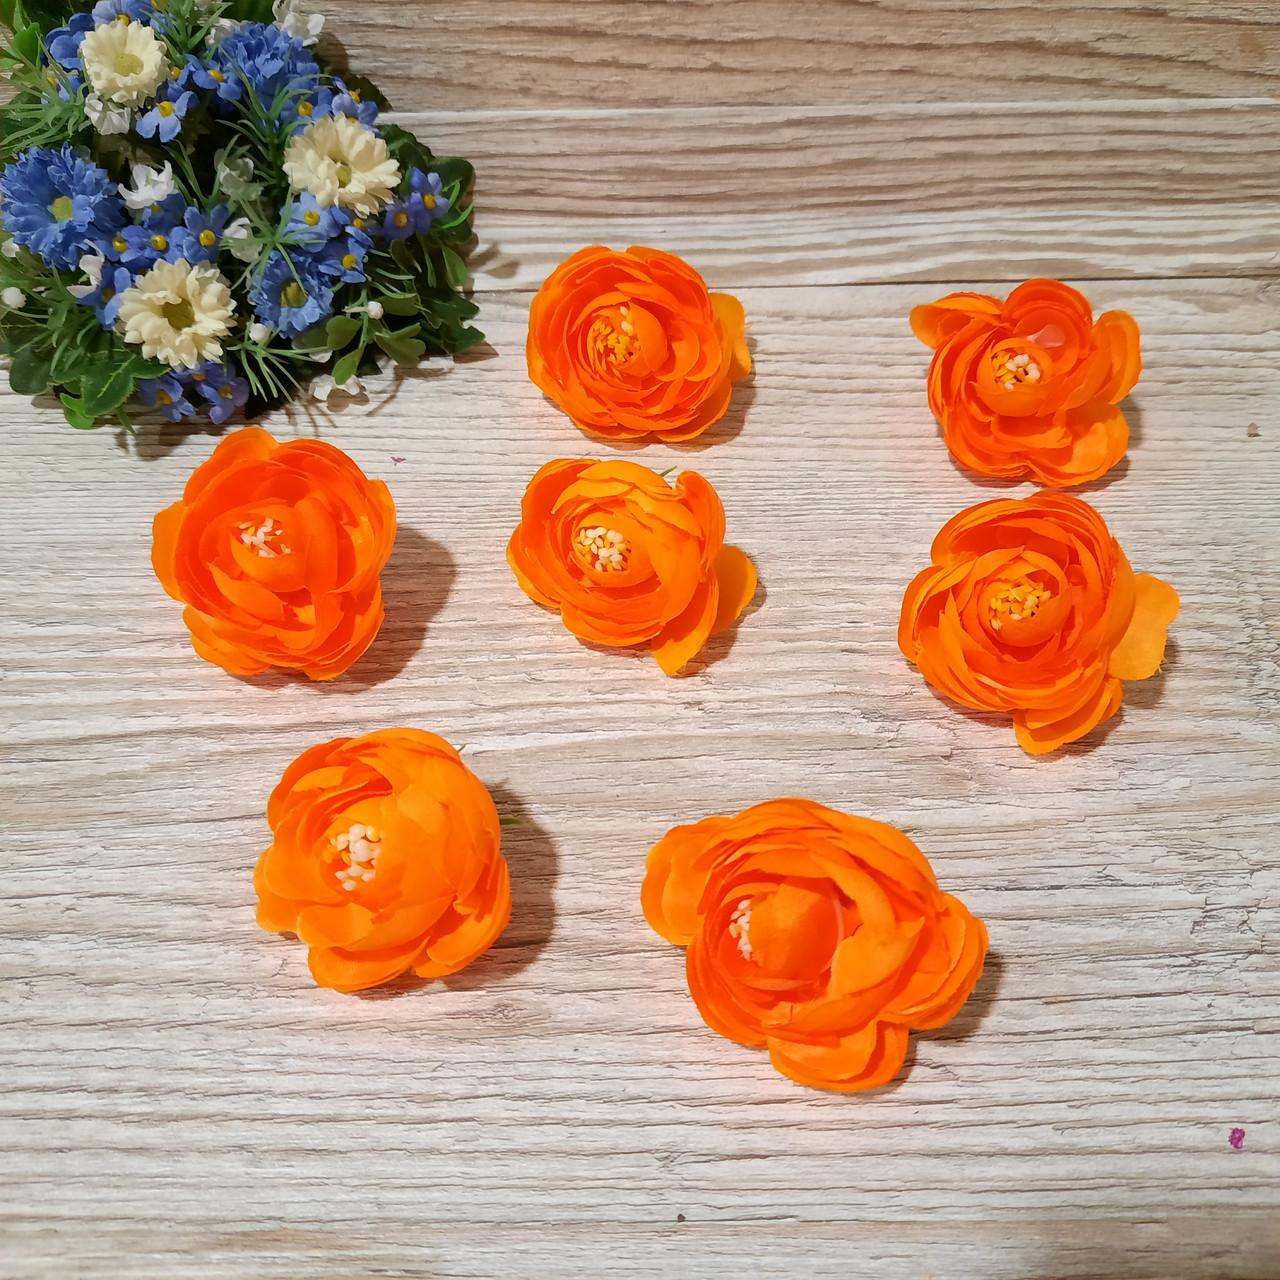 Пионы (рунюнкулюсы) из ткани оранжевые, диаметр 4 см